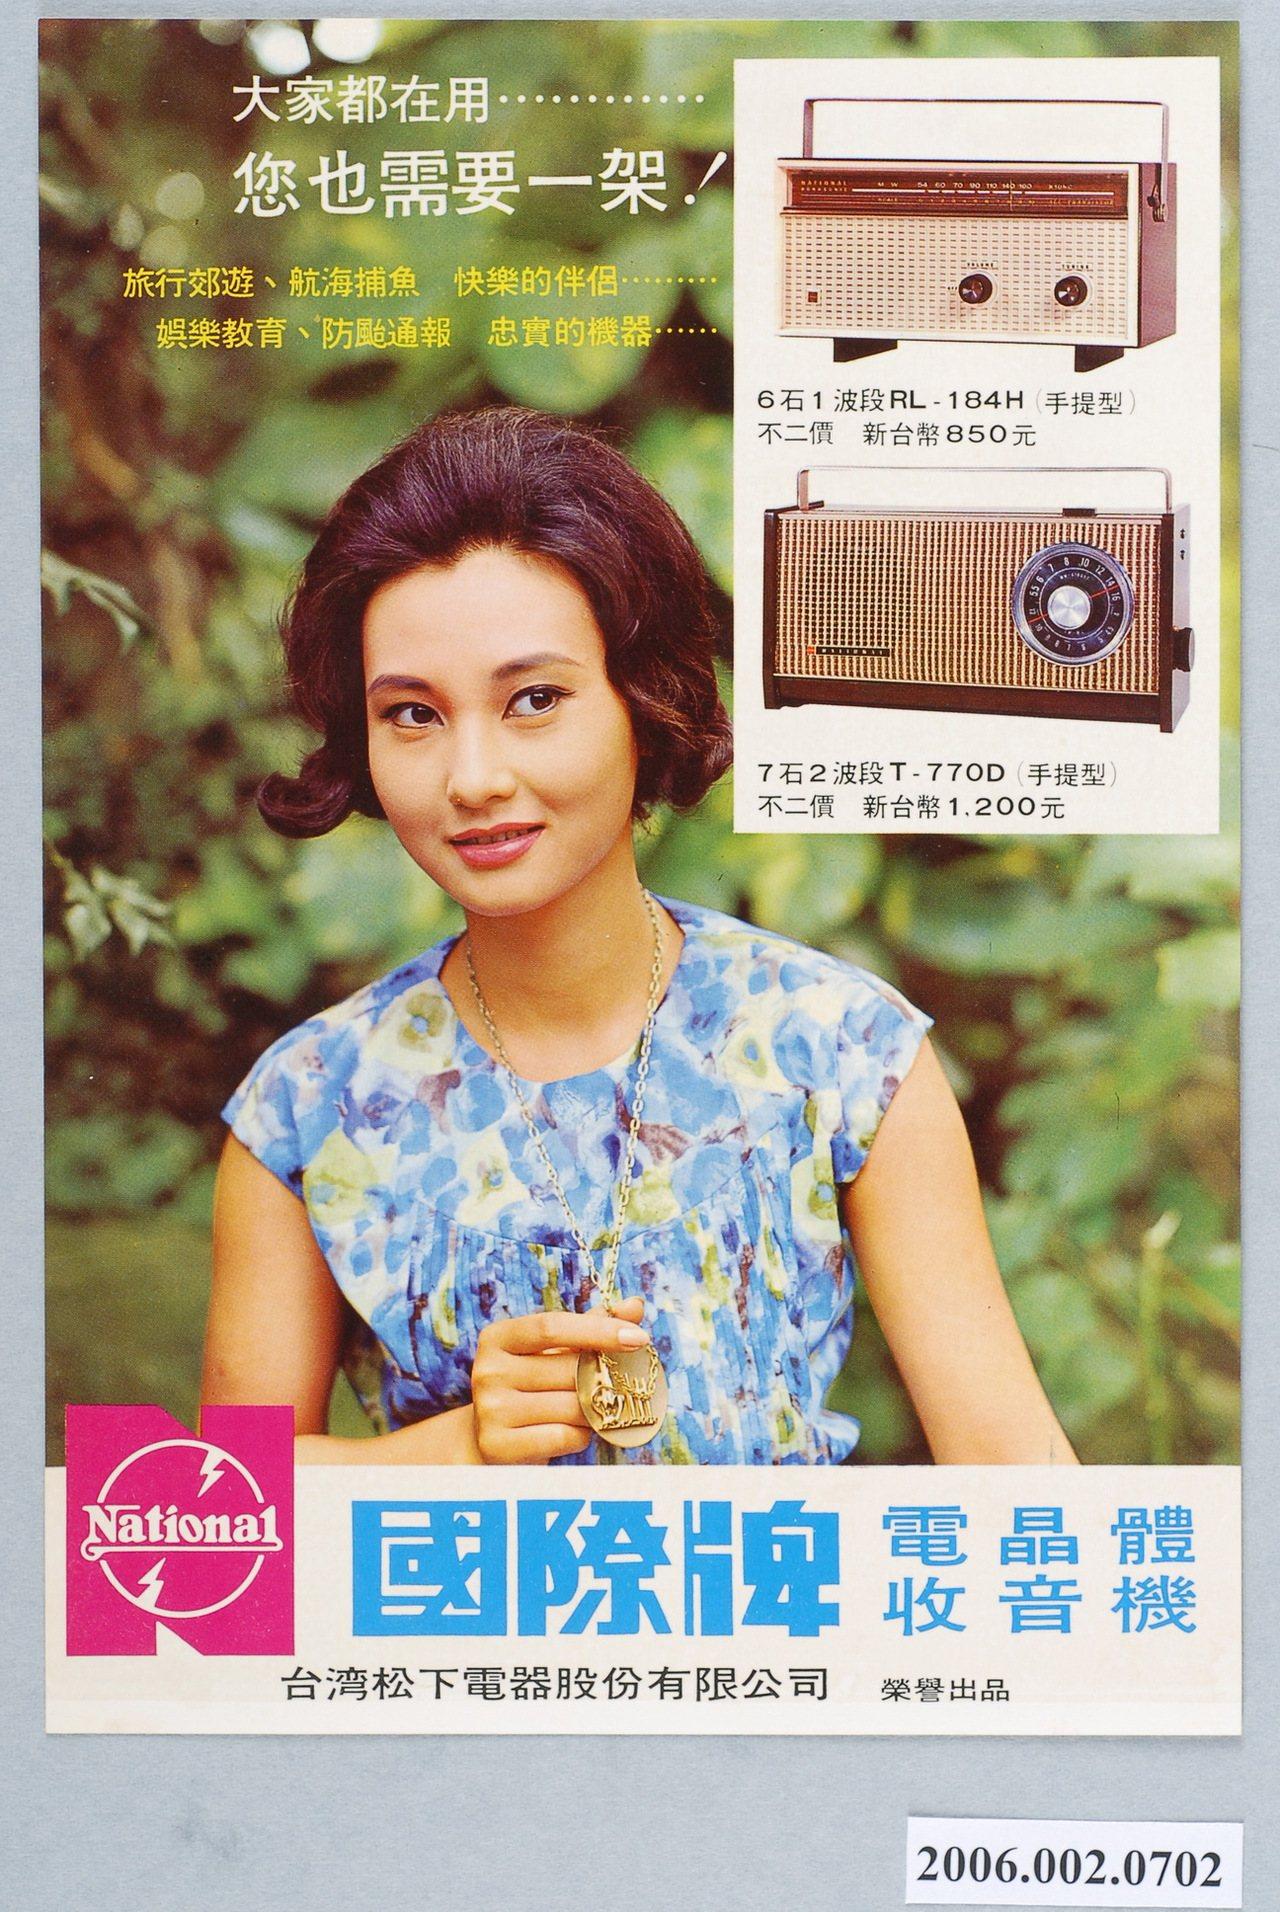 電視普及以前,收音機可說是每戶人家必備的娛樂商品。圖/國立臺灣歷史博物館蒐藏品